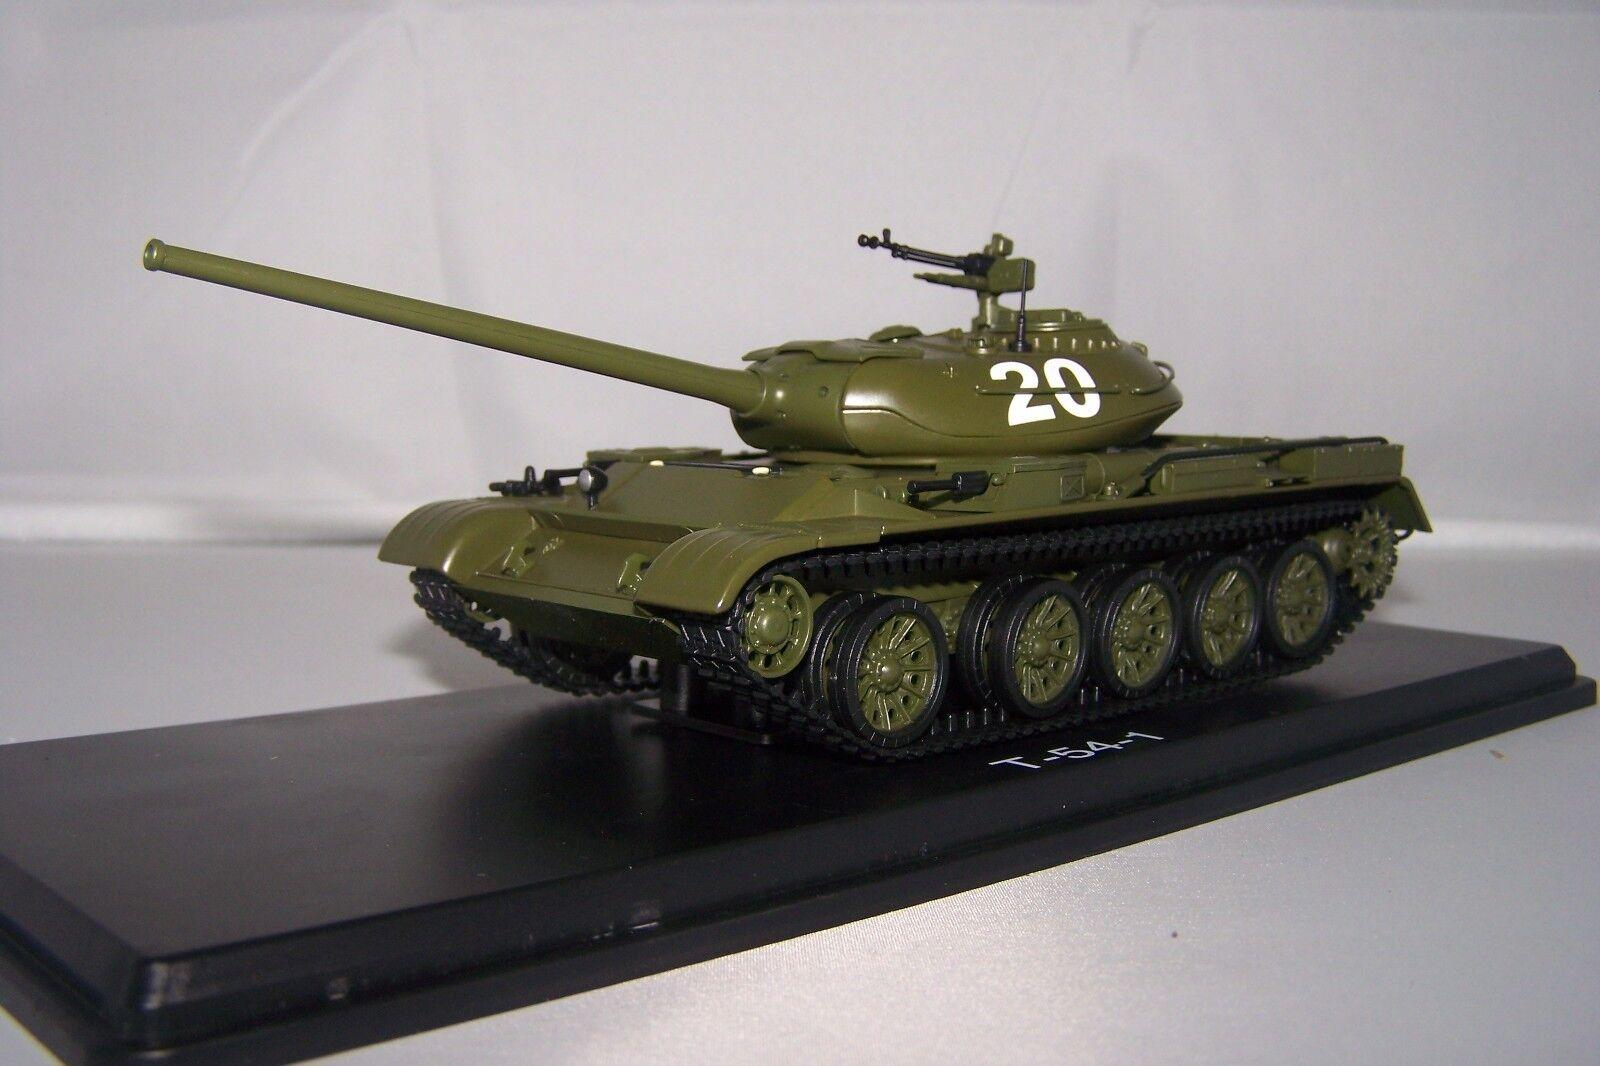 Shengshi star brille, a ez-vous au au au sentiHommes t de la clientèle 1/43 Militaire Start Scale Models (3021) T54 armée soviétique cd8ab2